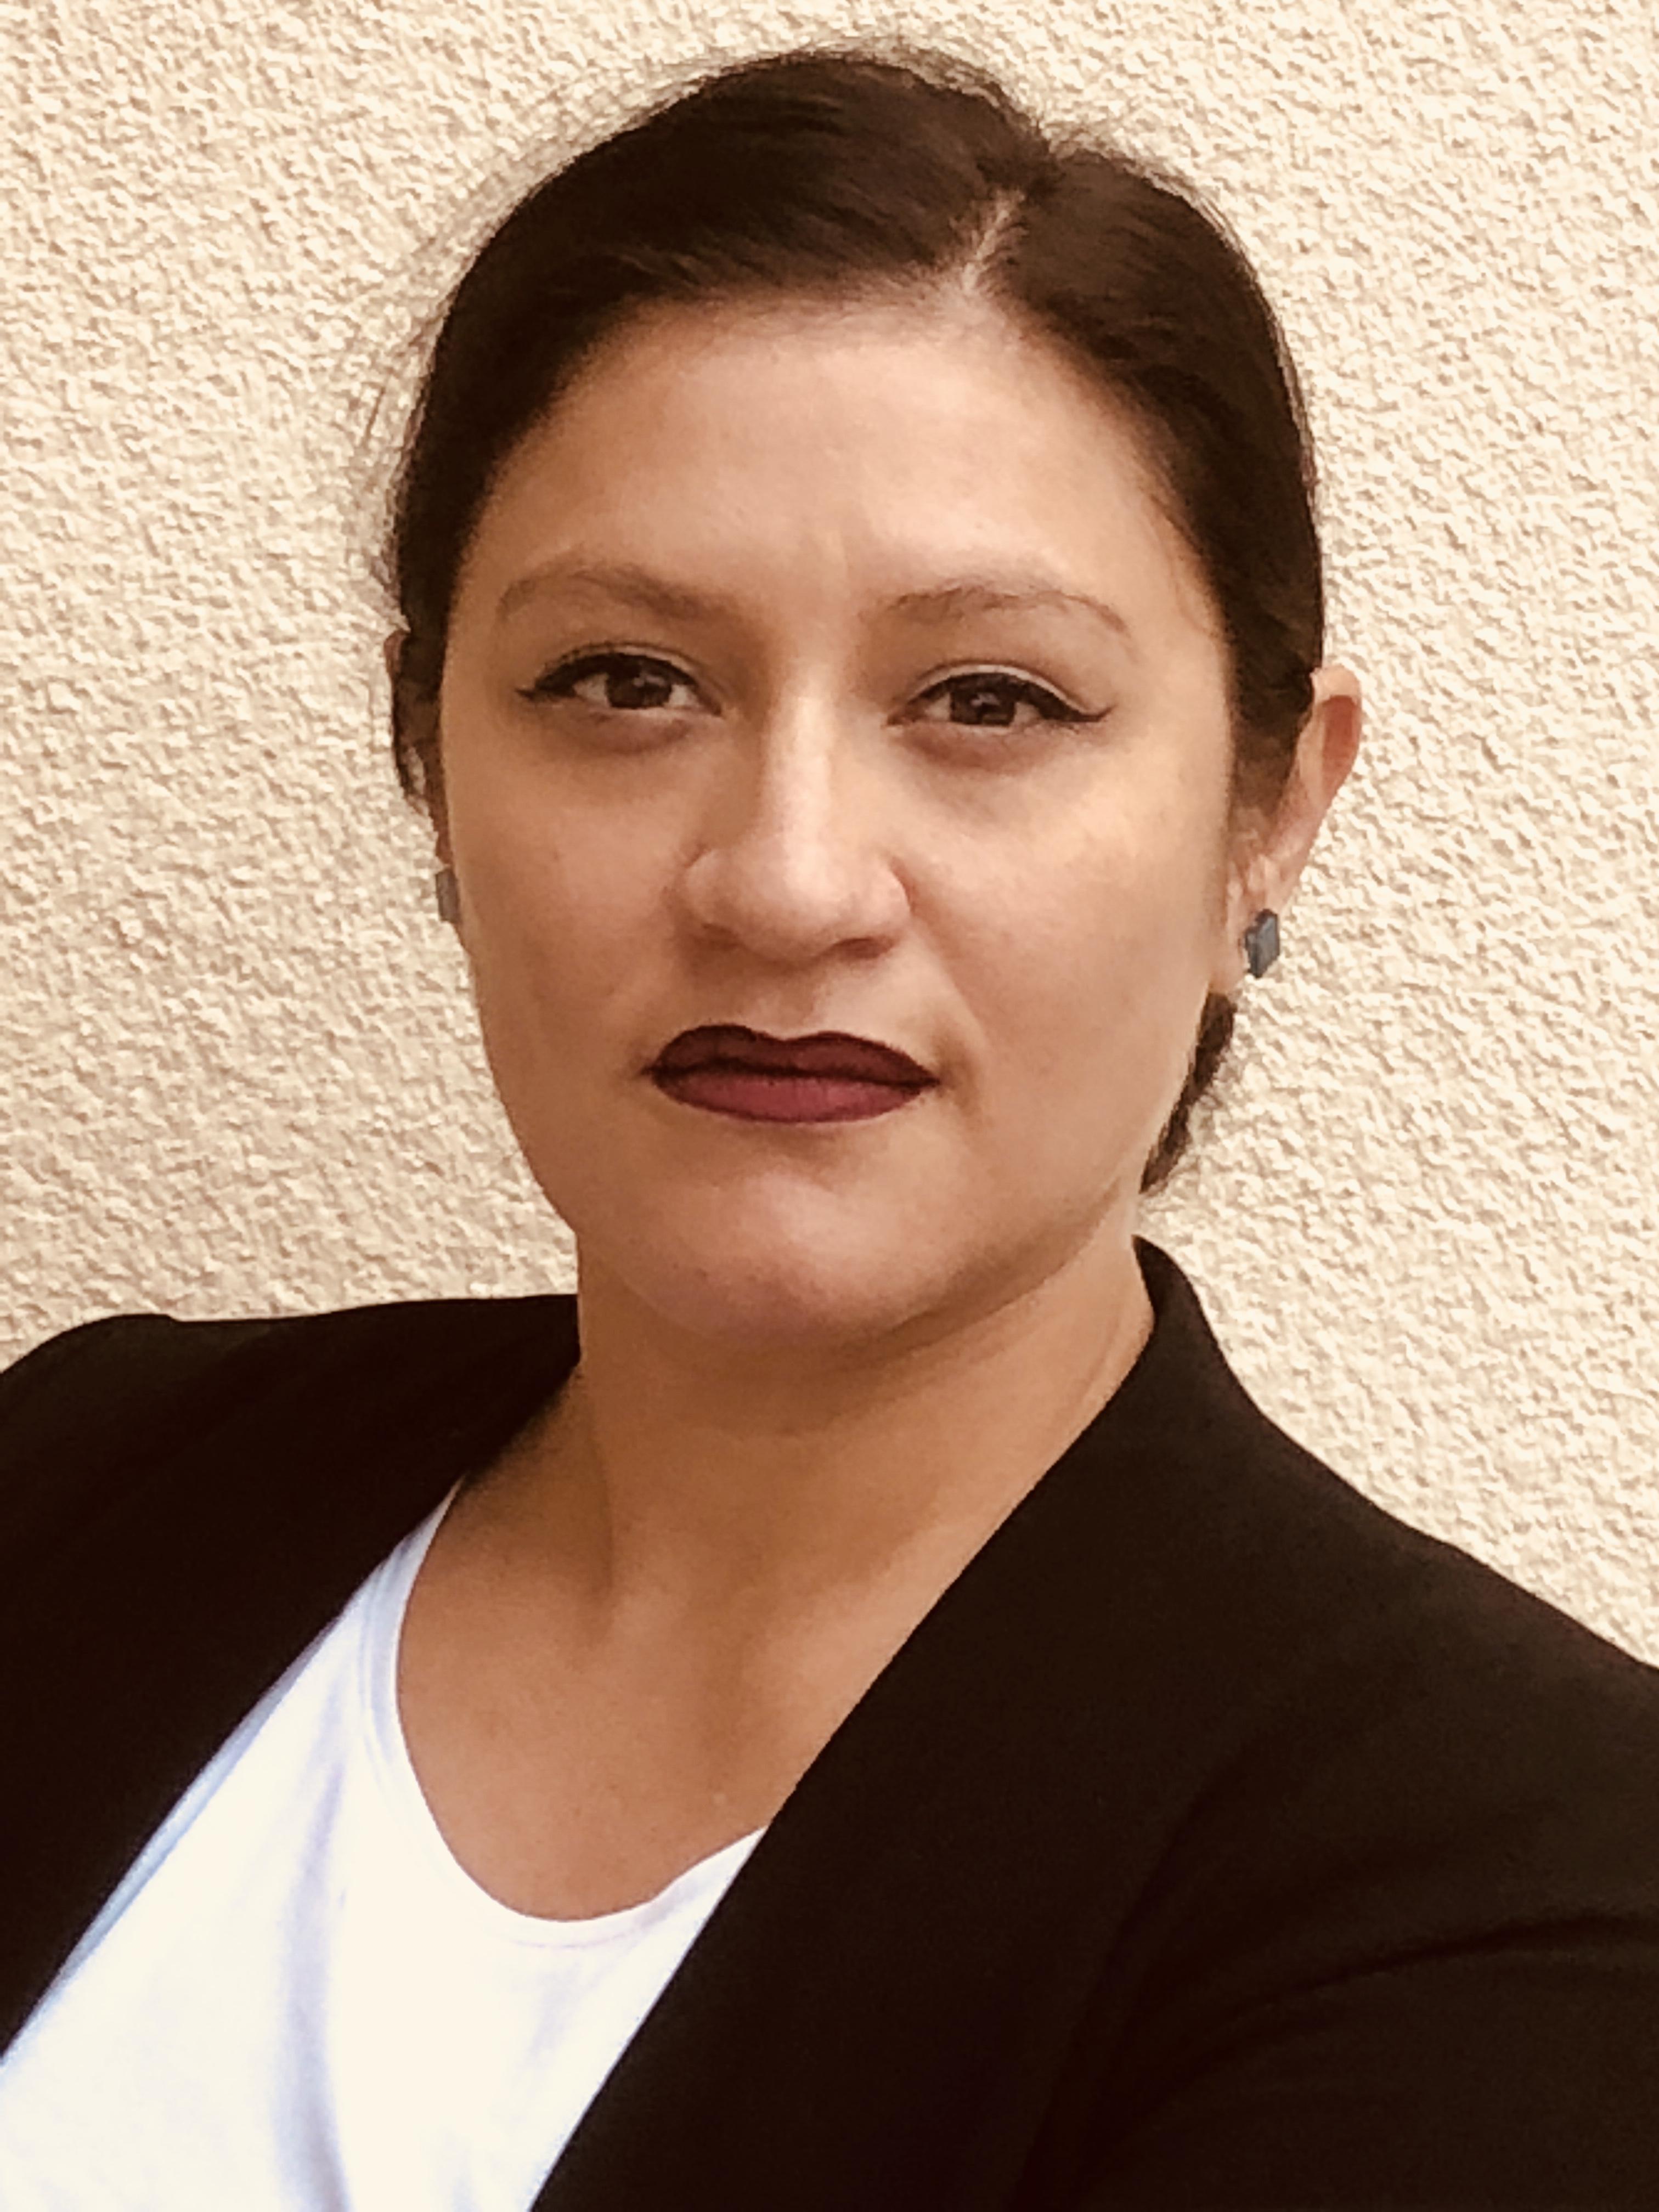 Cossette Espinoza